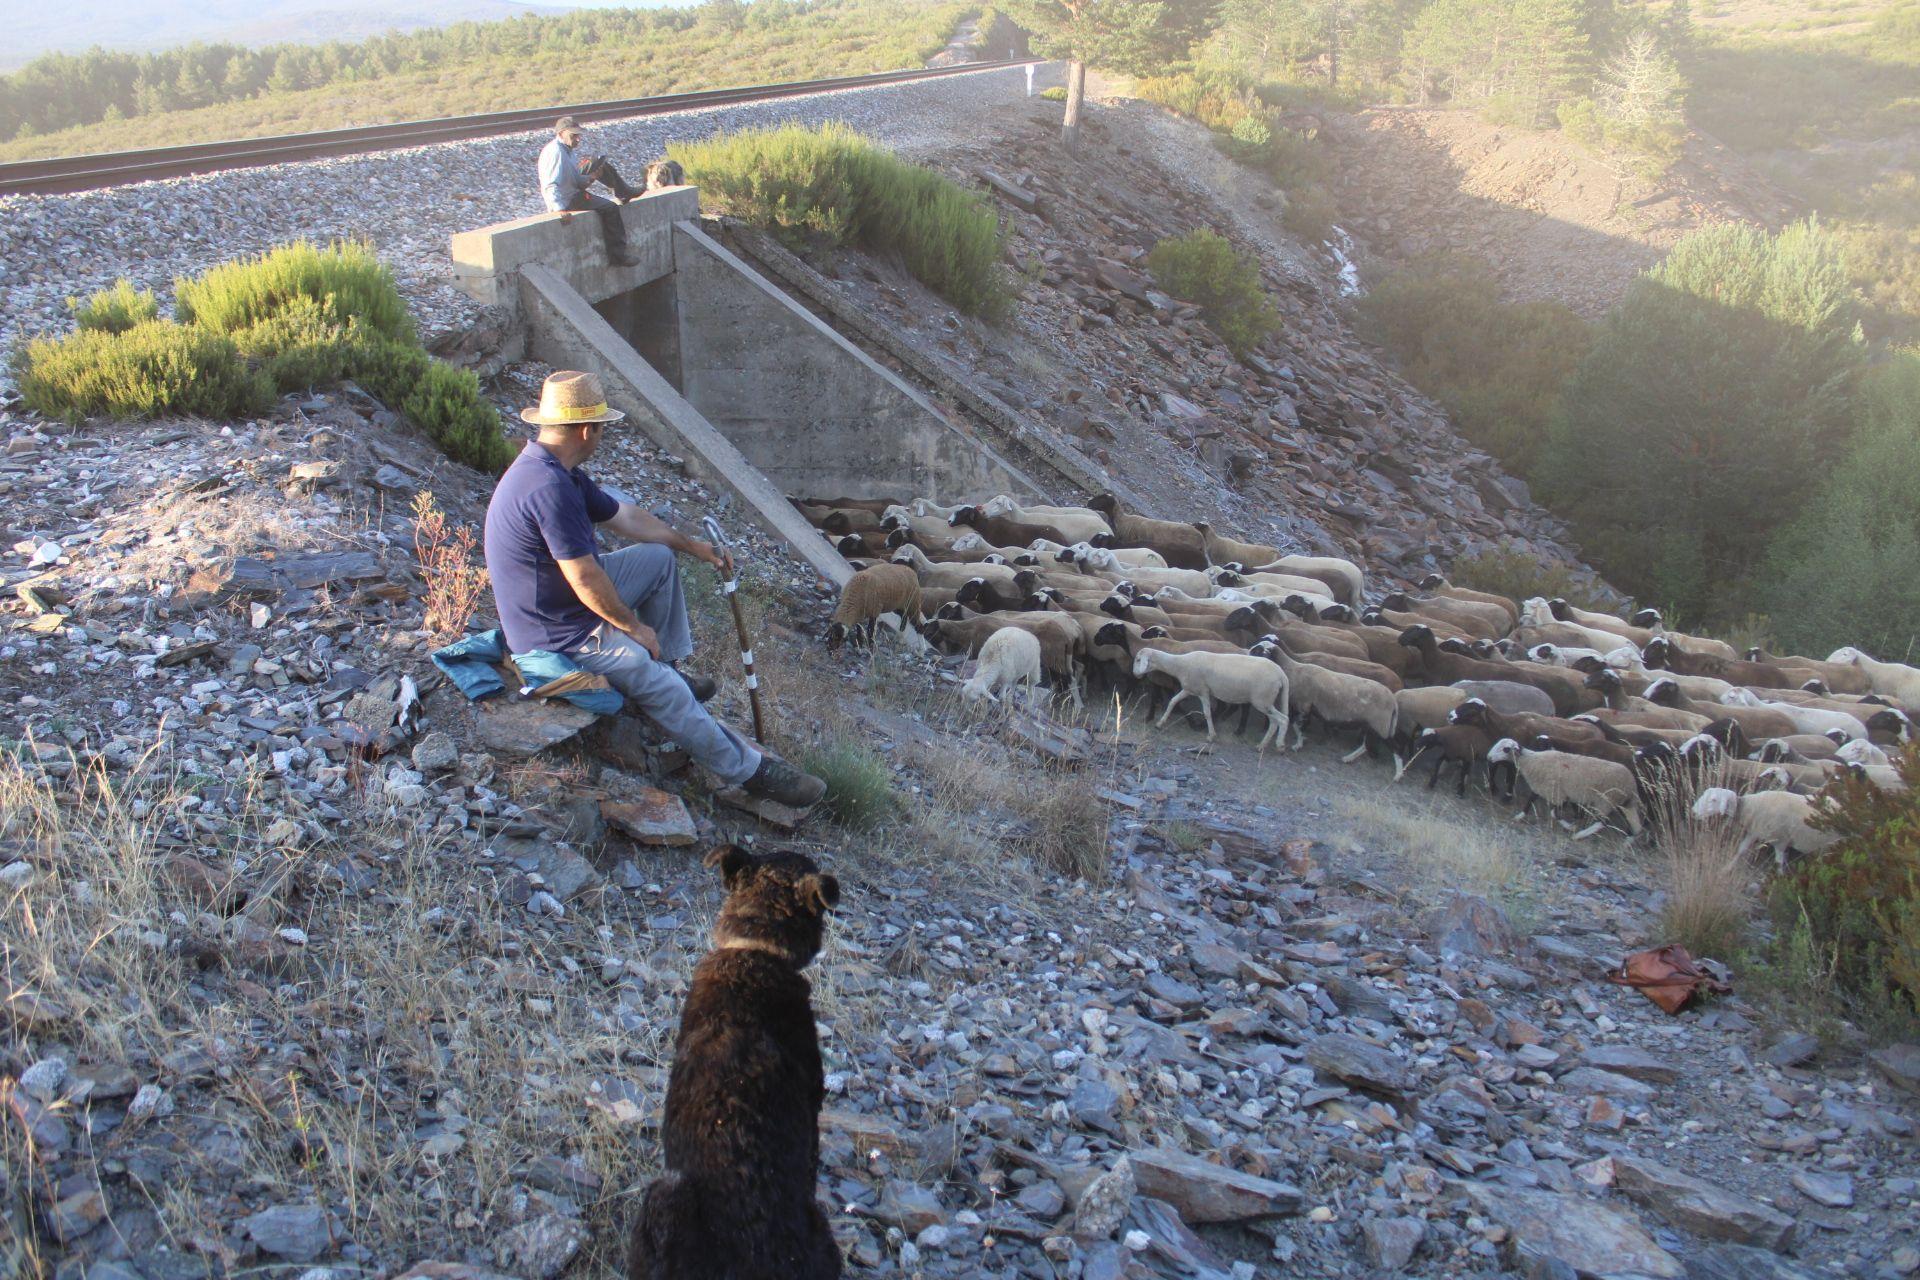 Los pastores esperan a que la cabaña termine de pasar bajo la vía.